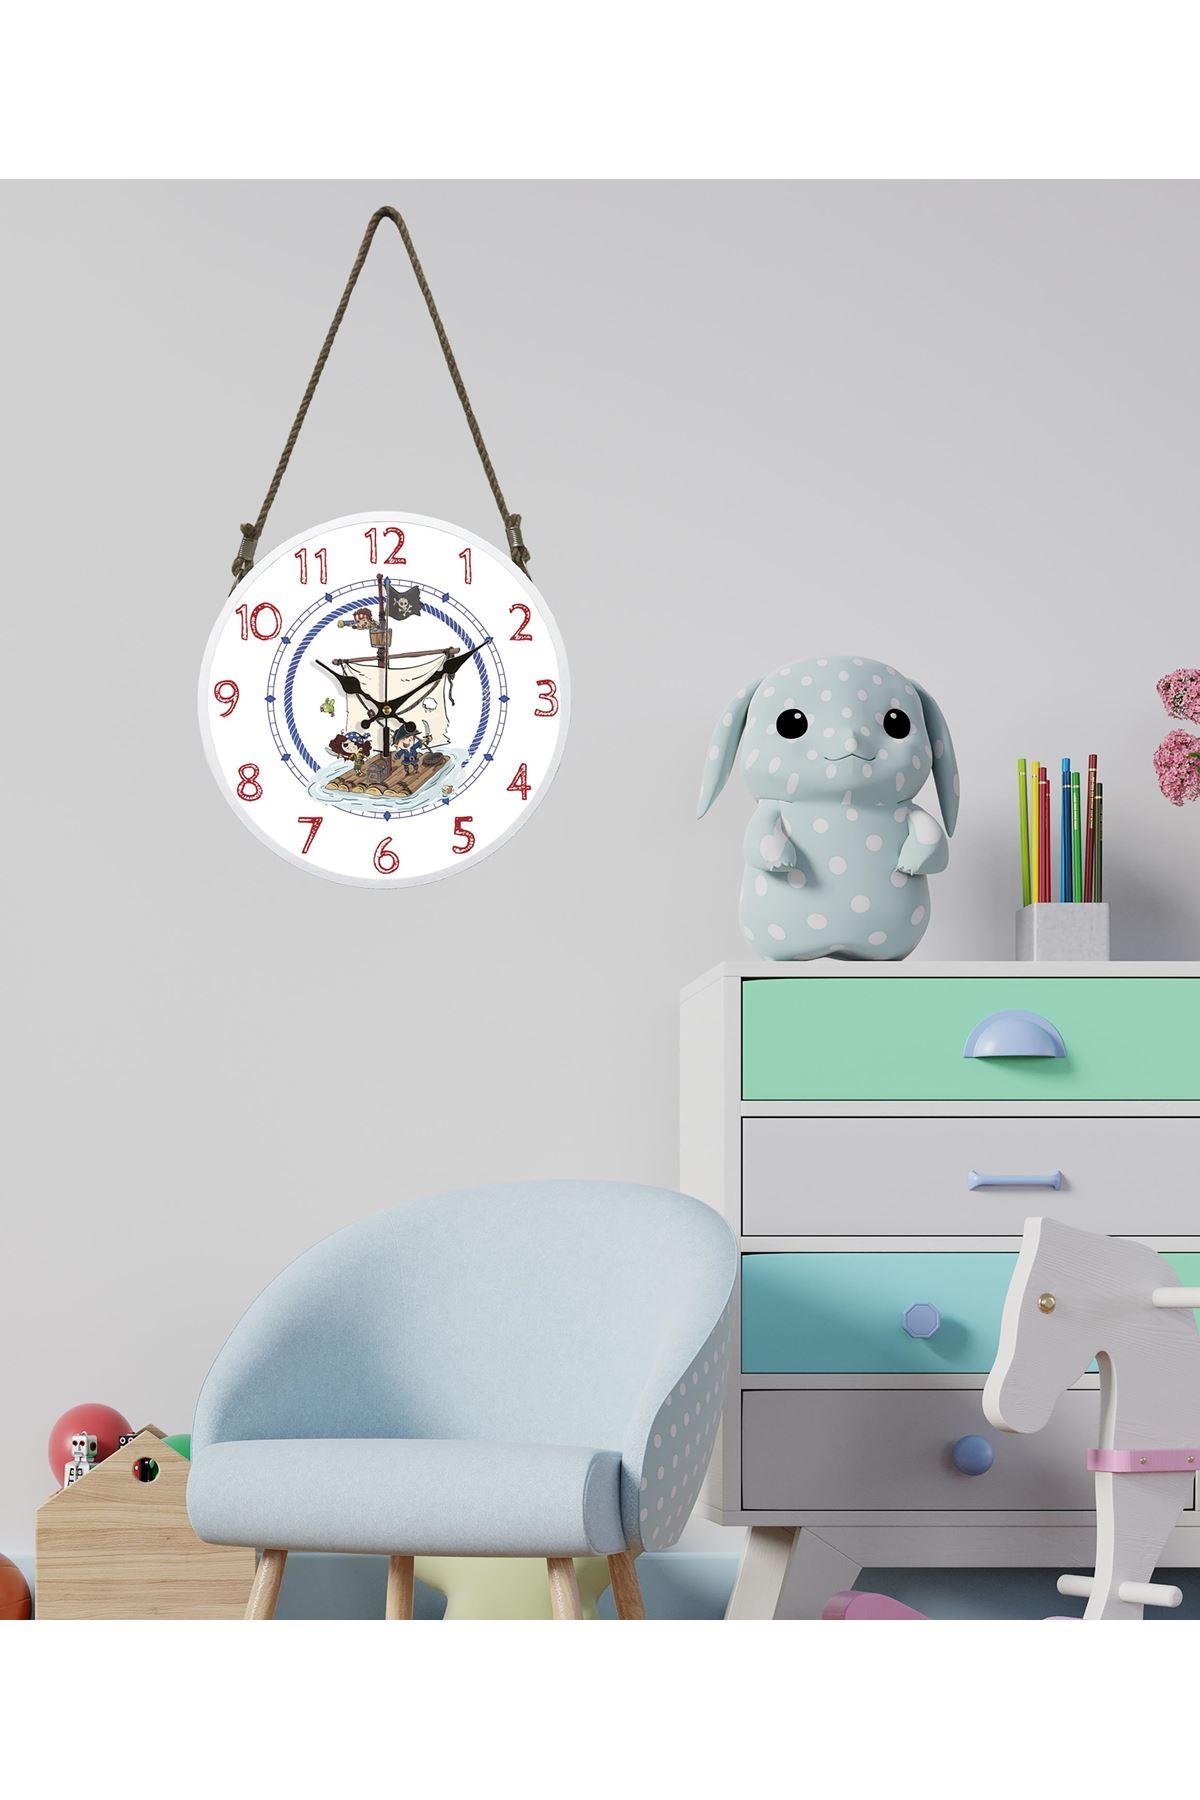 Rikon Halatlı Çocuk Odası Dekoratif Duvar Saati Korsanlar 60x30Cm